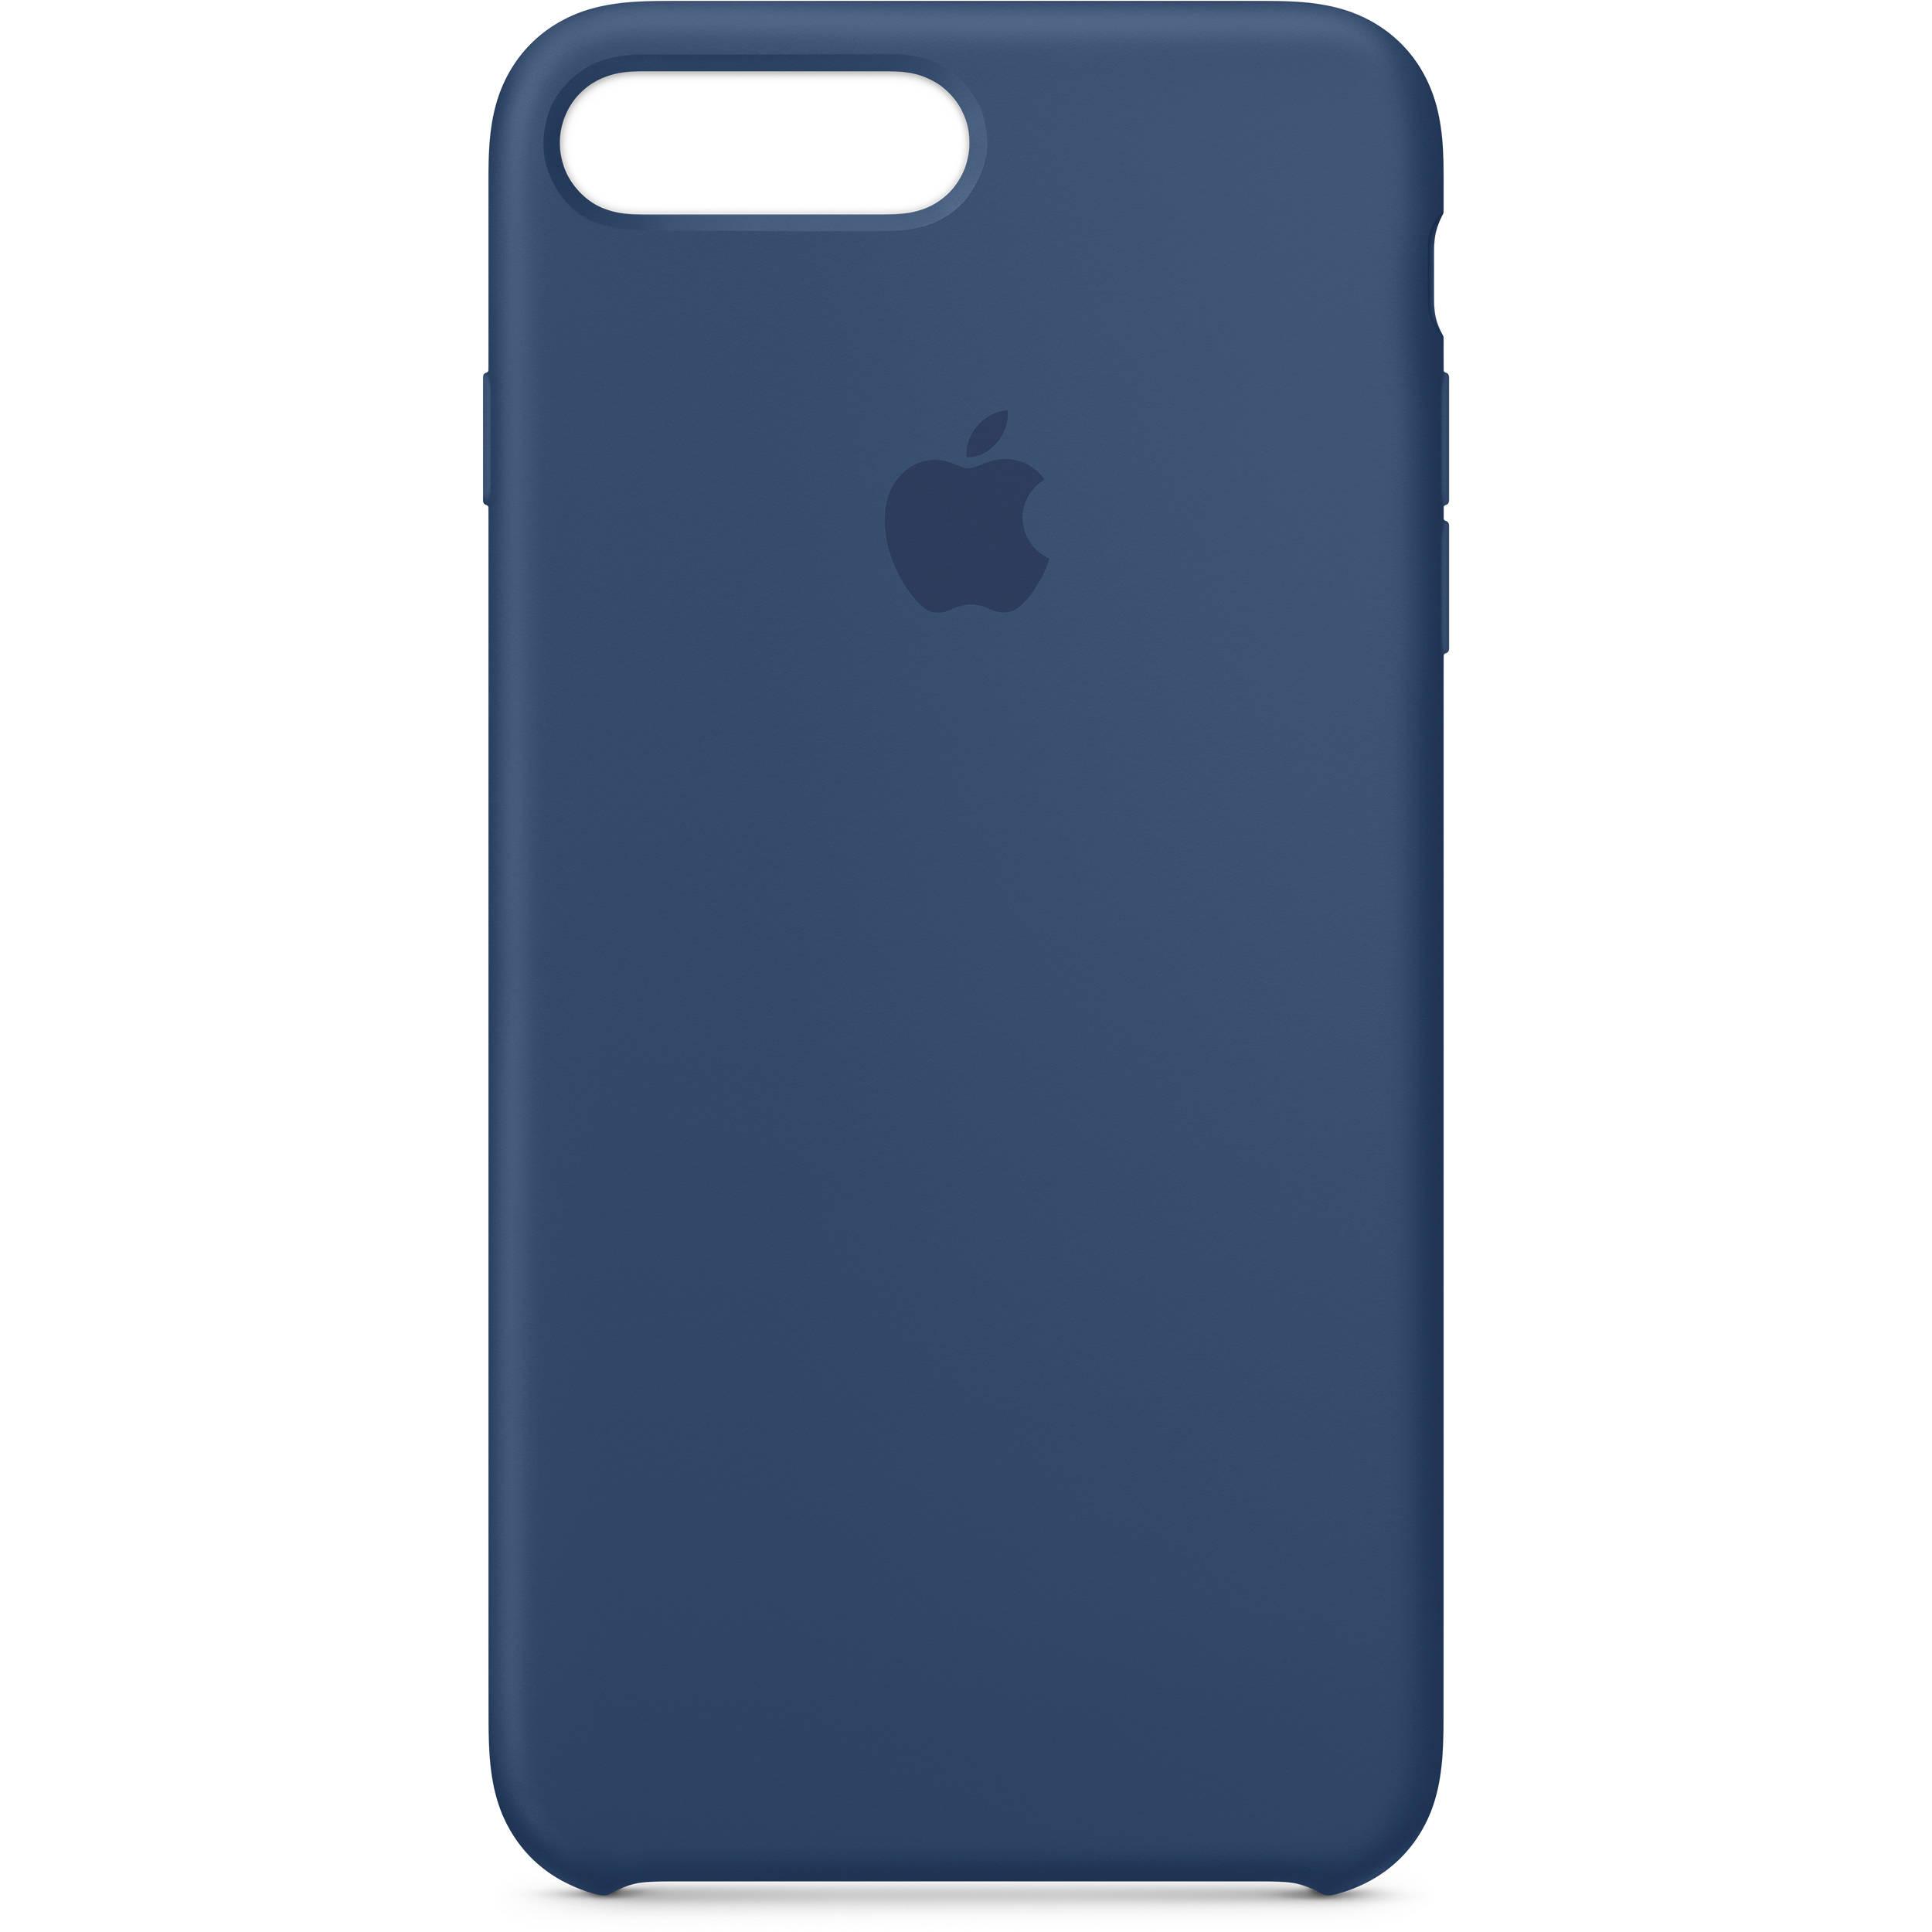 Iphone  Plus Silicone Case Pebble